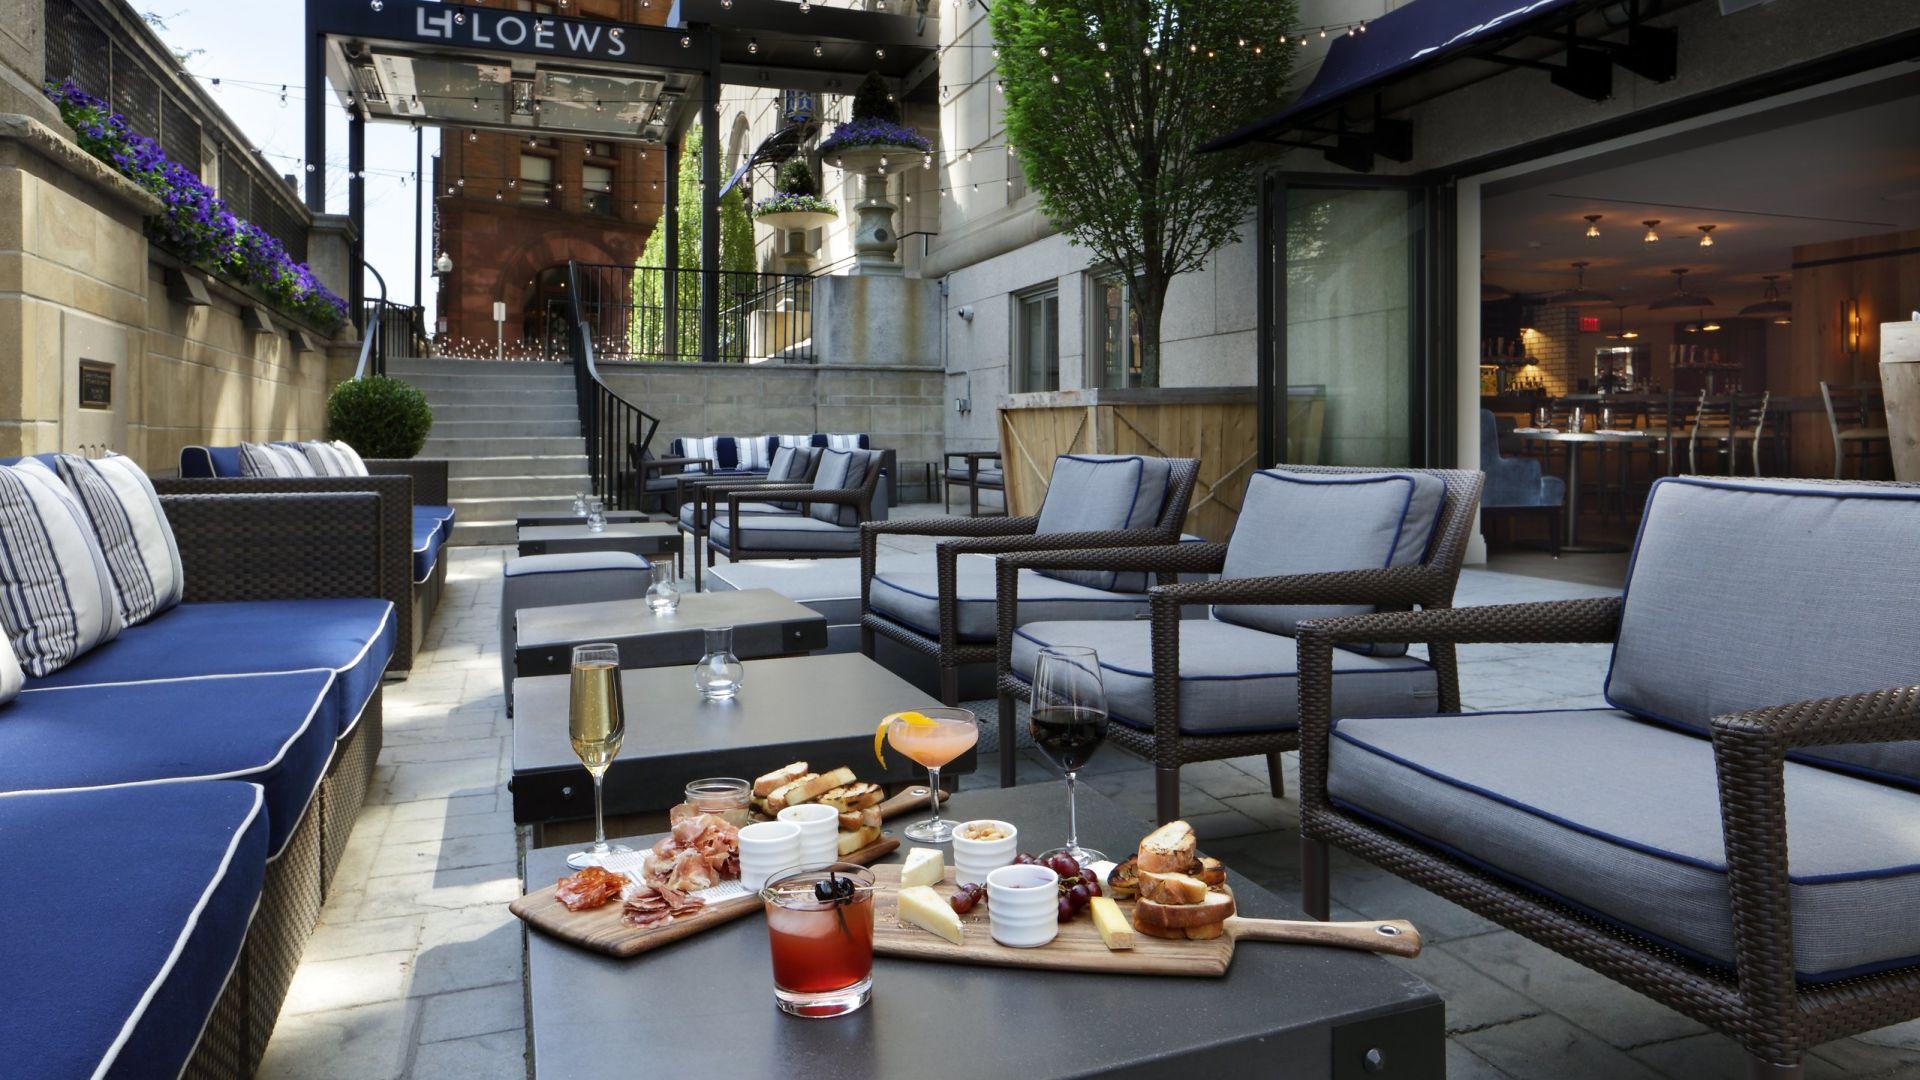 Luxury Hotel In Boston Boston Hotels Loews Boston